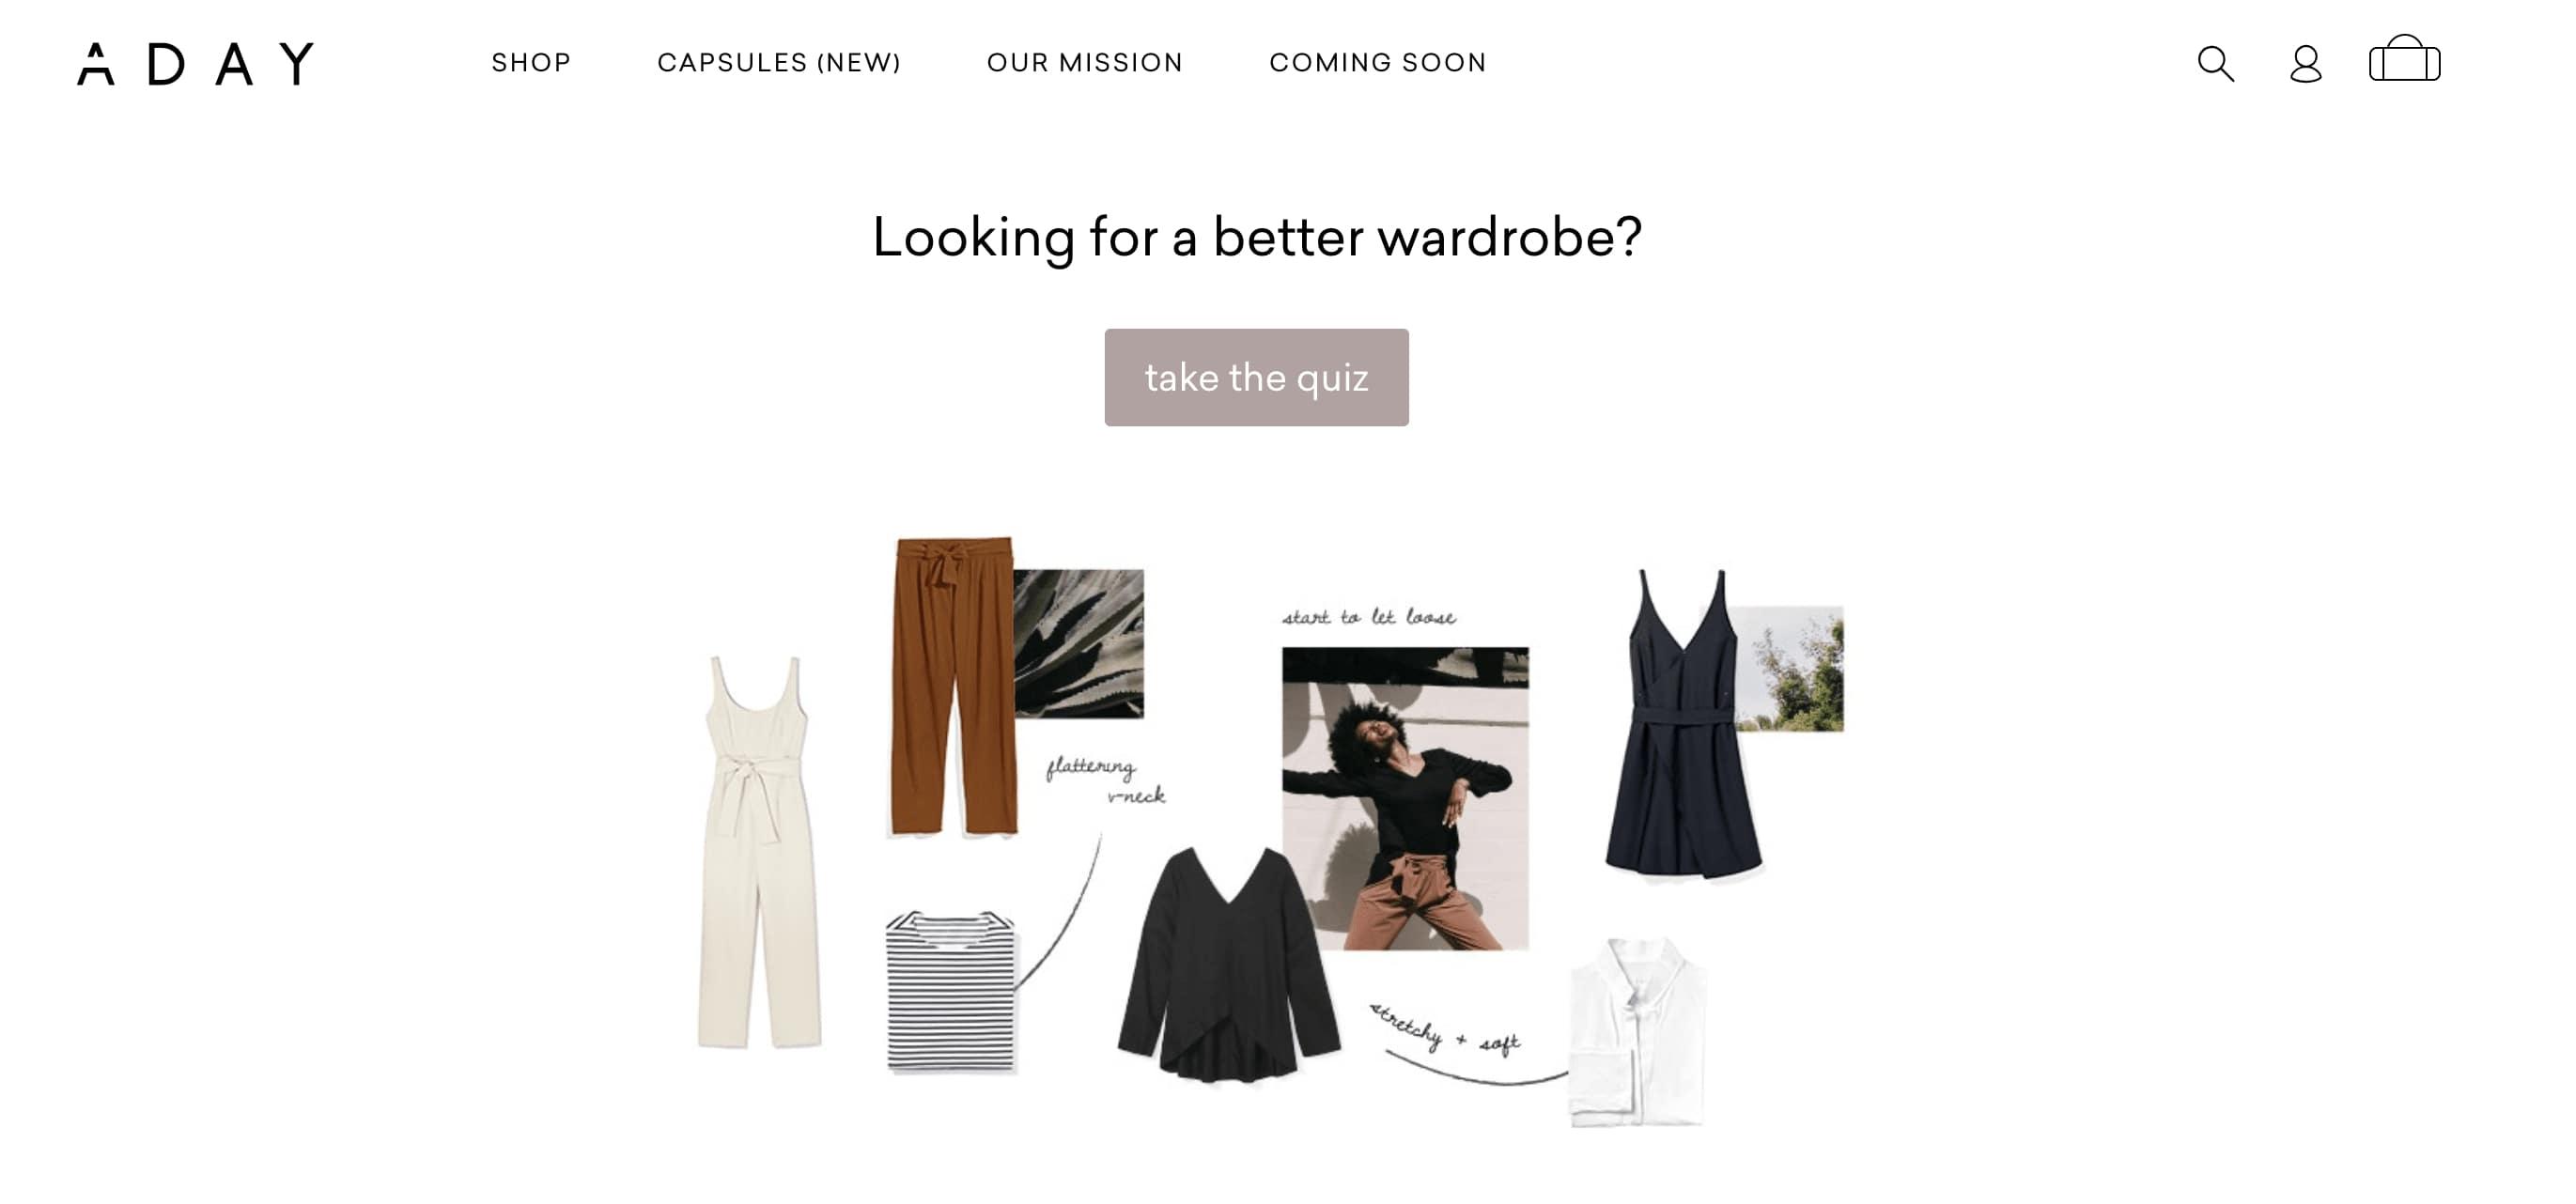 Apparel quiz - ADAY - wardrobe